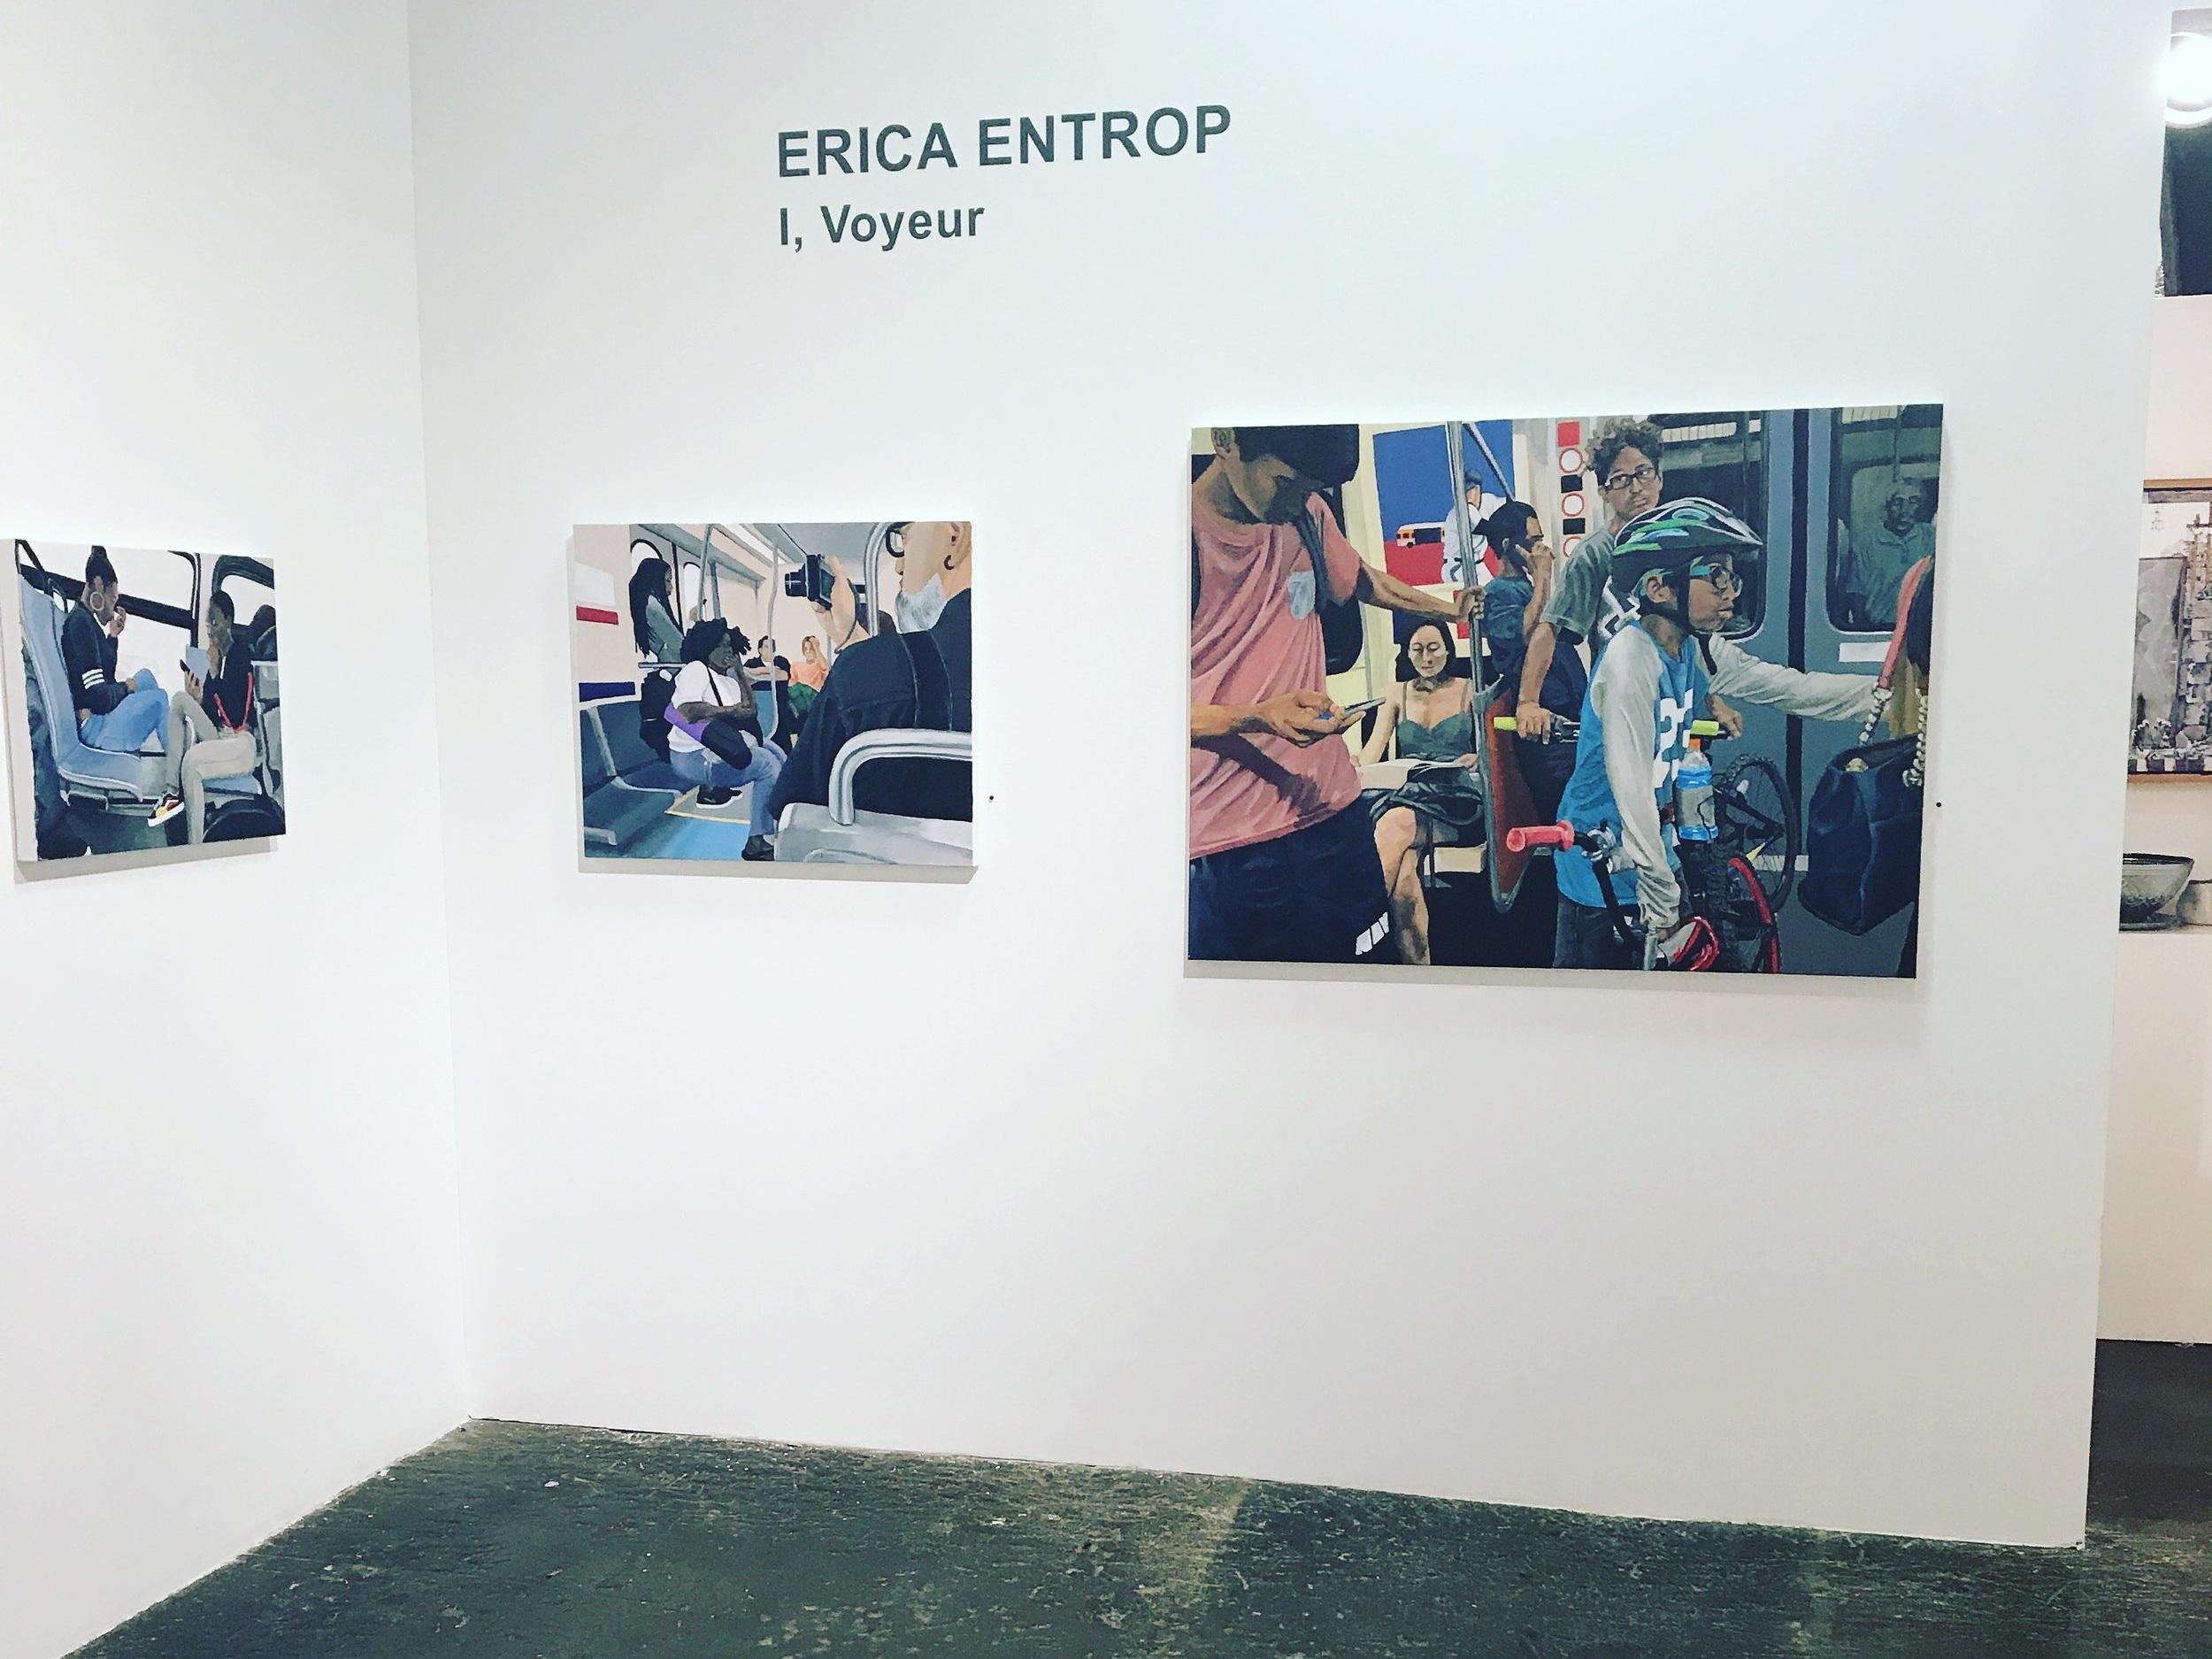 I, Voyeur - Lois Lambert Gallery, Santa Monica2018